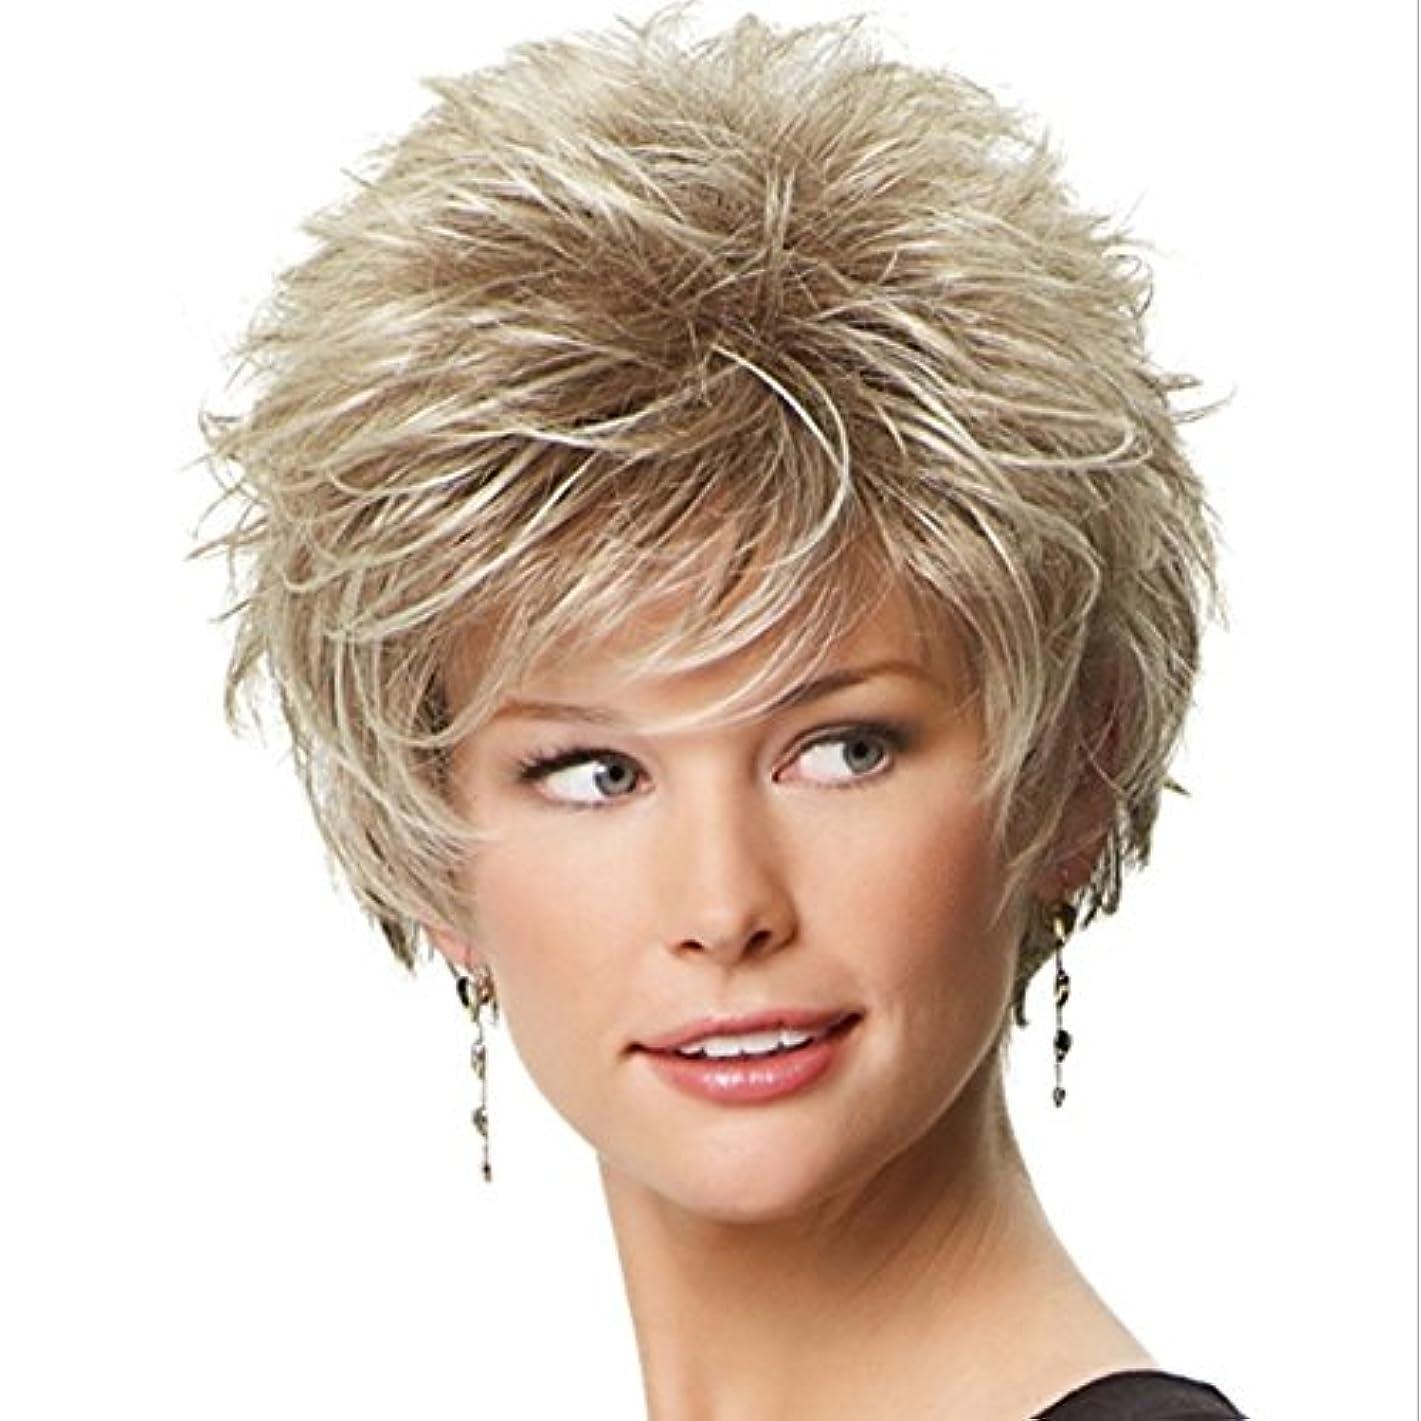 毒性準備スロープYOUQIU 女性の10インチ/ 11inch用エアフラッツ前髪ウィッグ耐熱ウィッグふわふわで女子ショートカーリーヘアウィッグエレガント(灰色がかった白、金色)ウィッグ (色 : Golden)